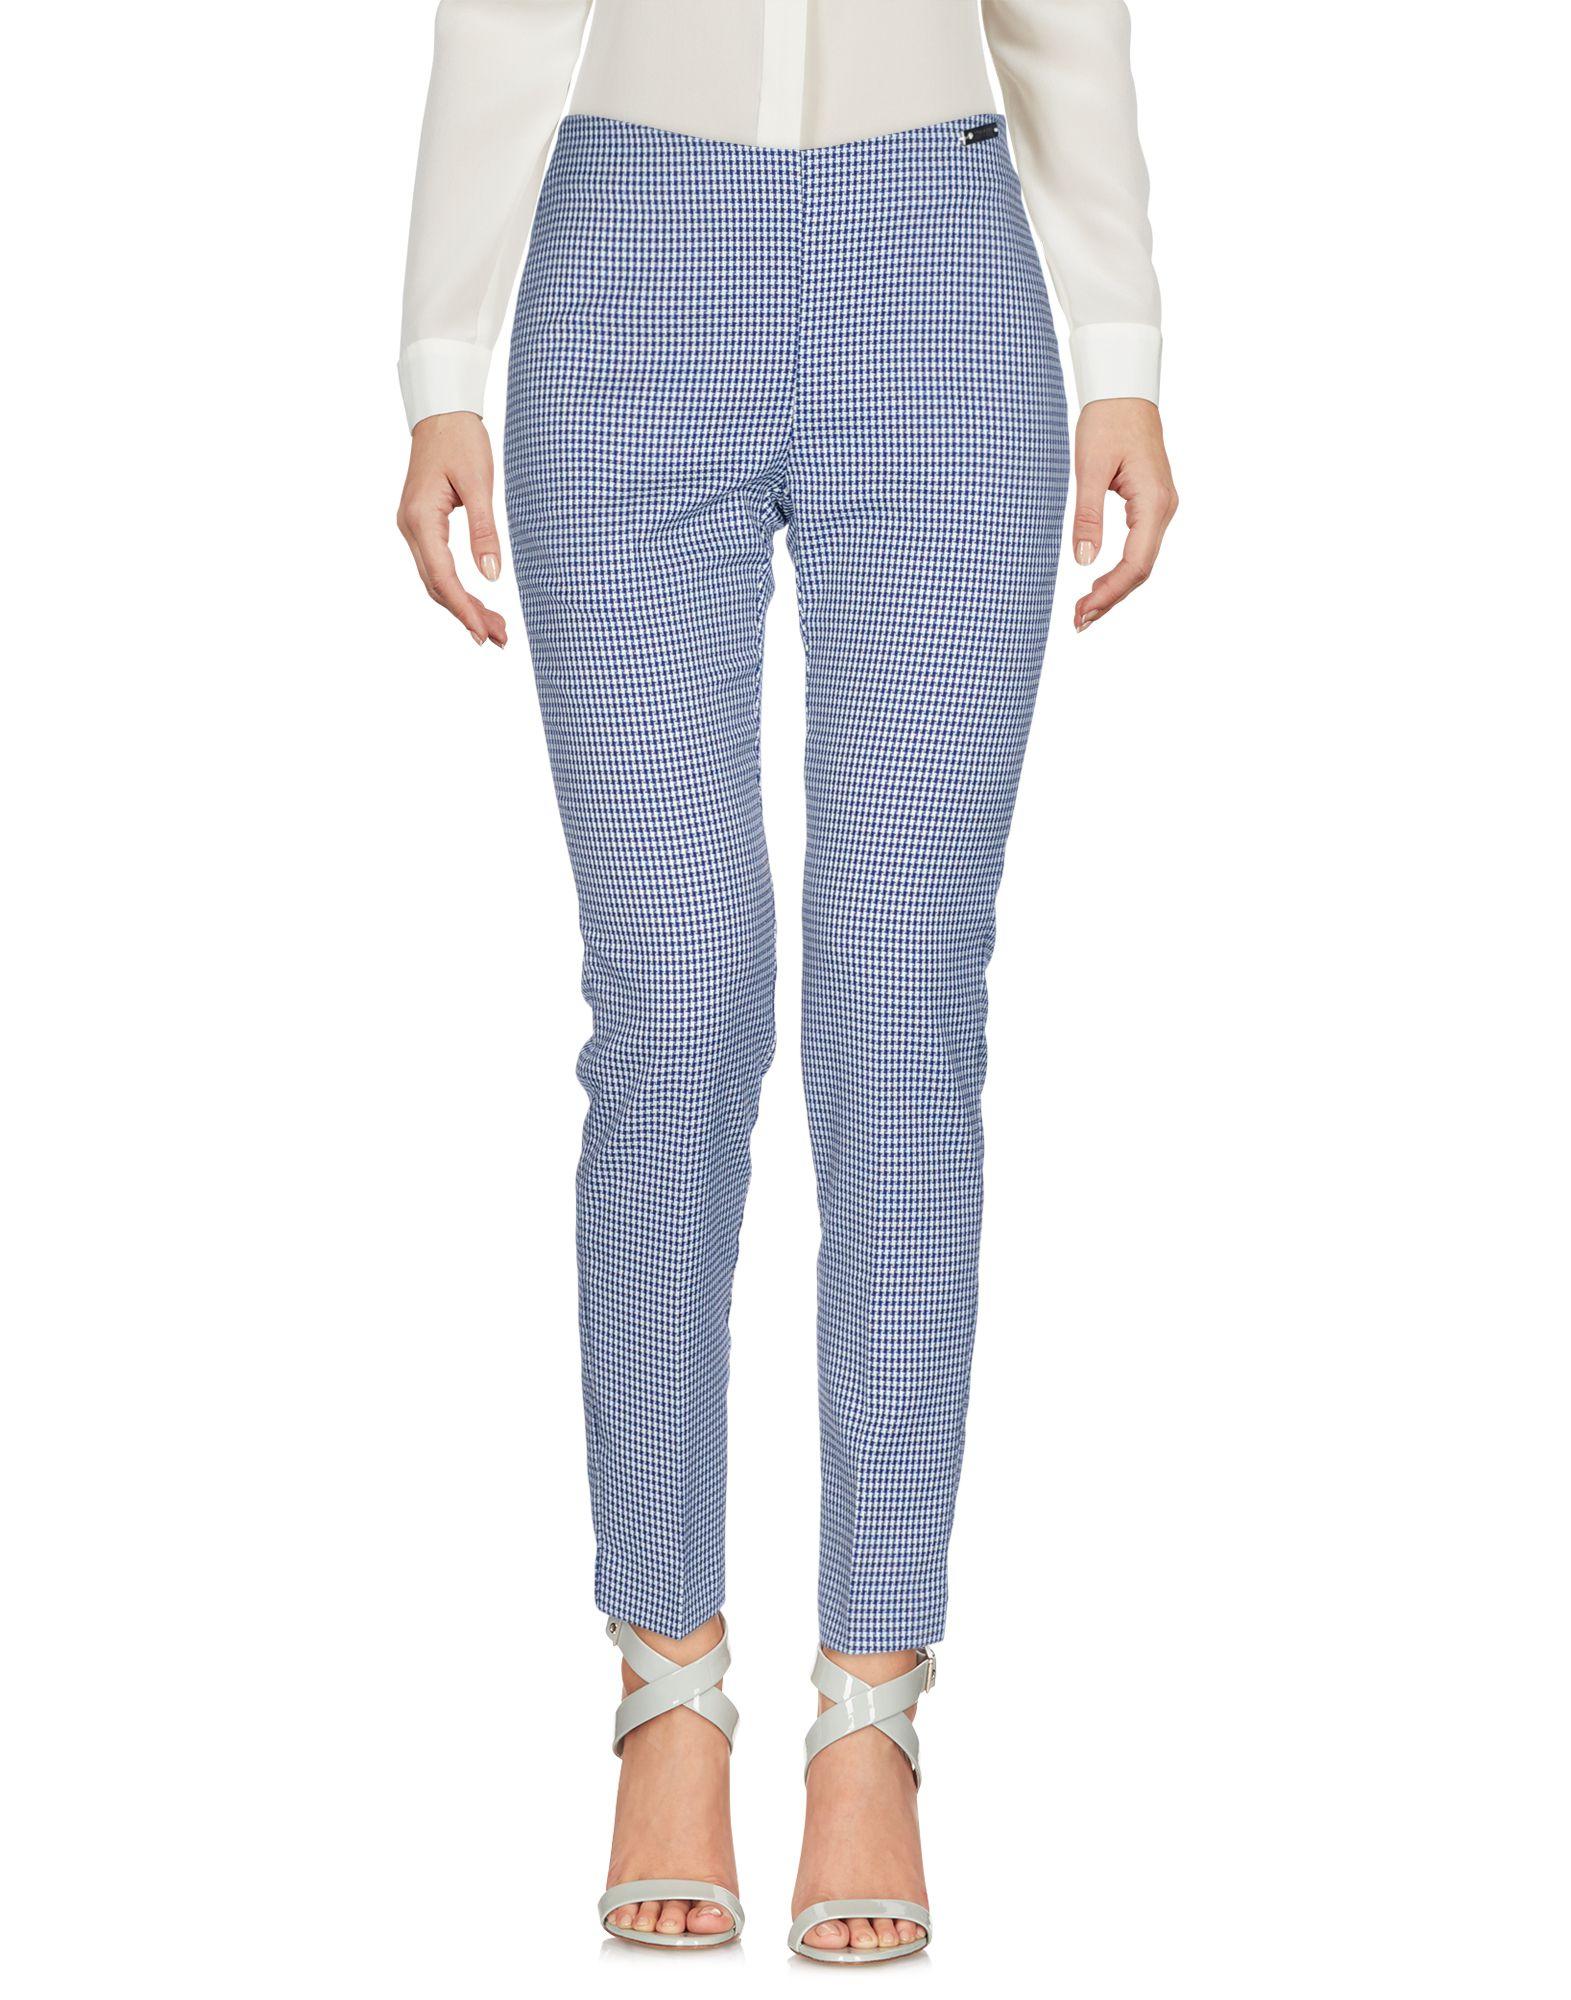 цены на YVALADES Повседневные брюки в интернет-магазинах